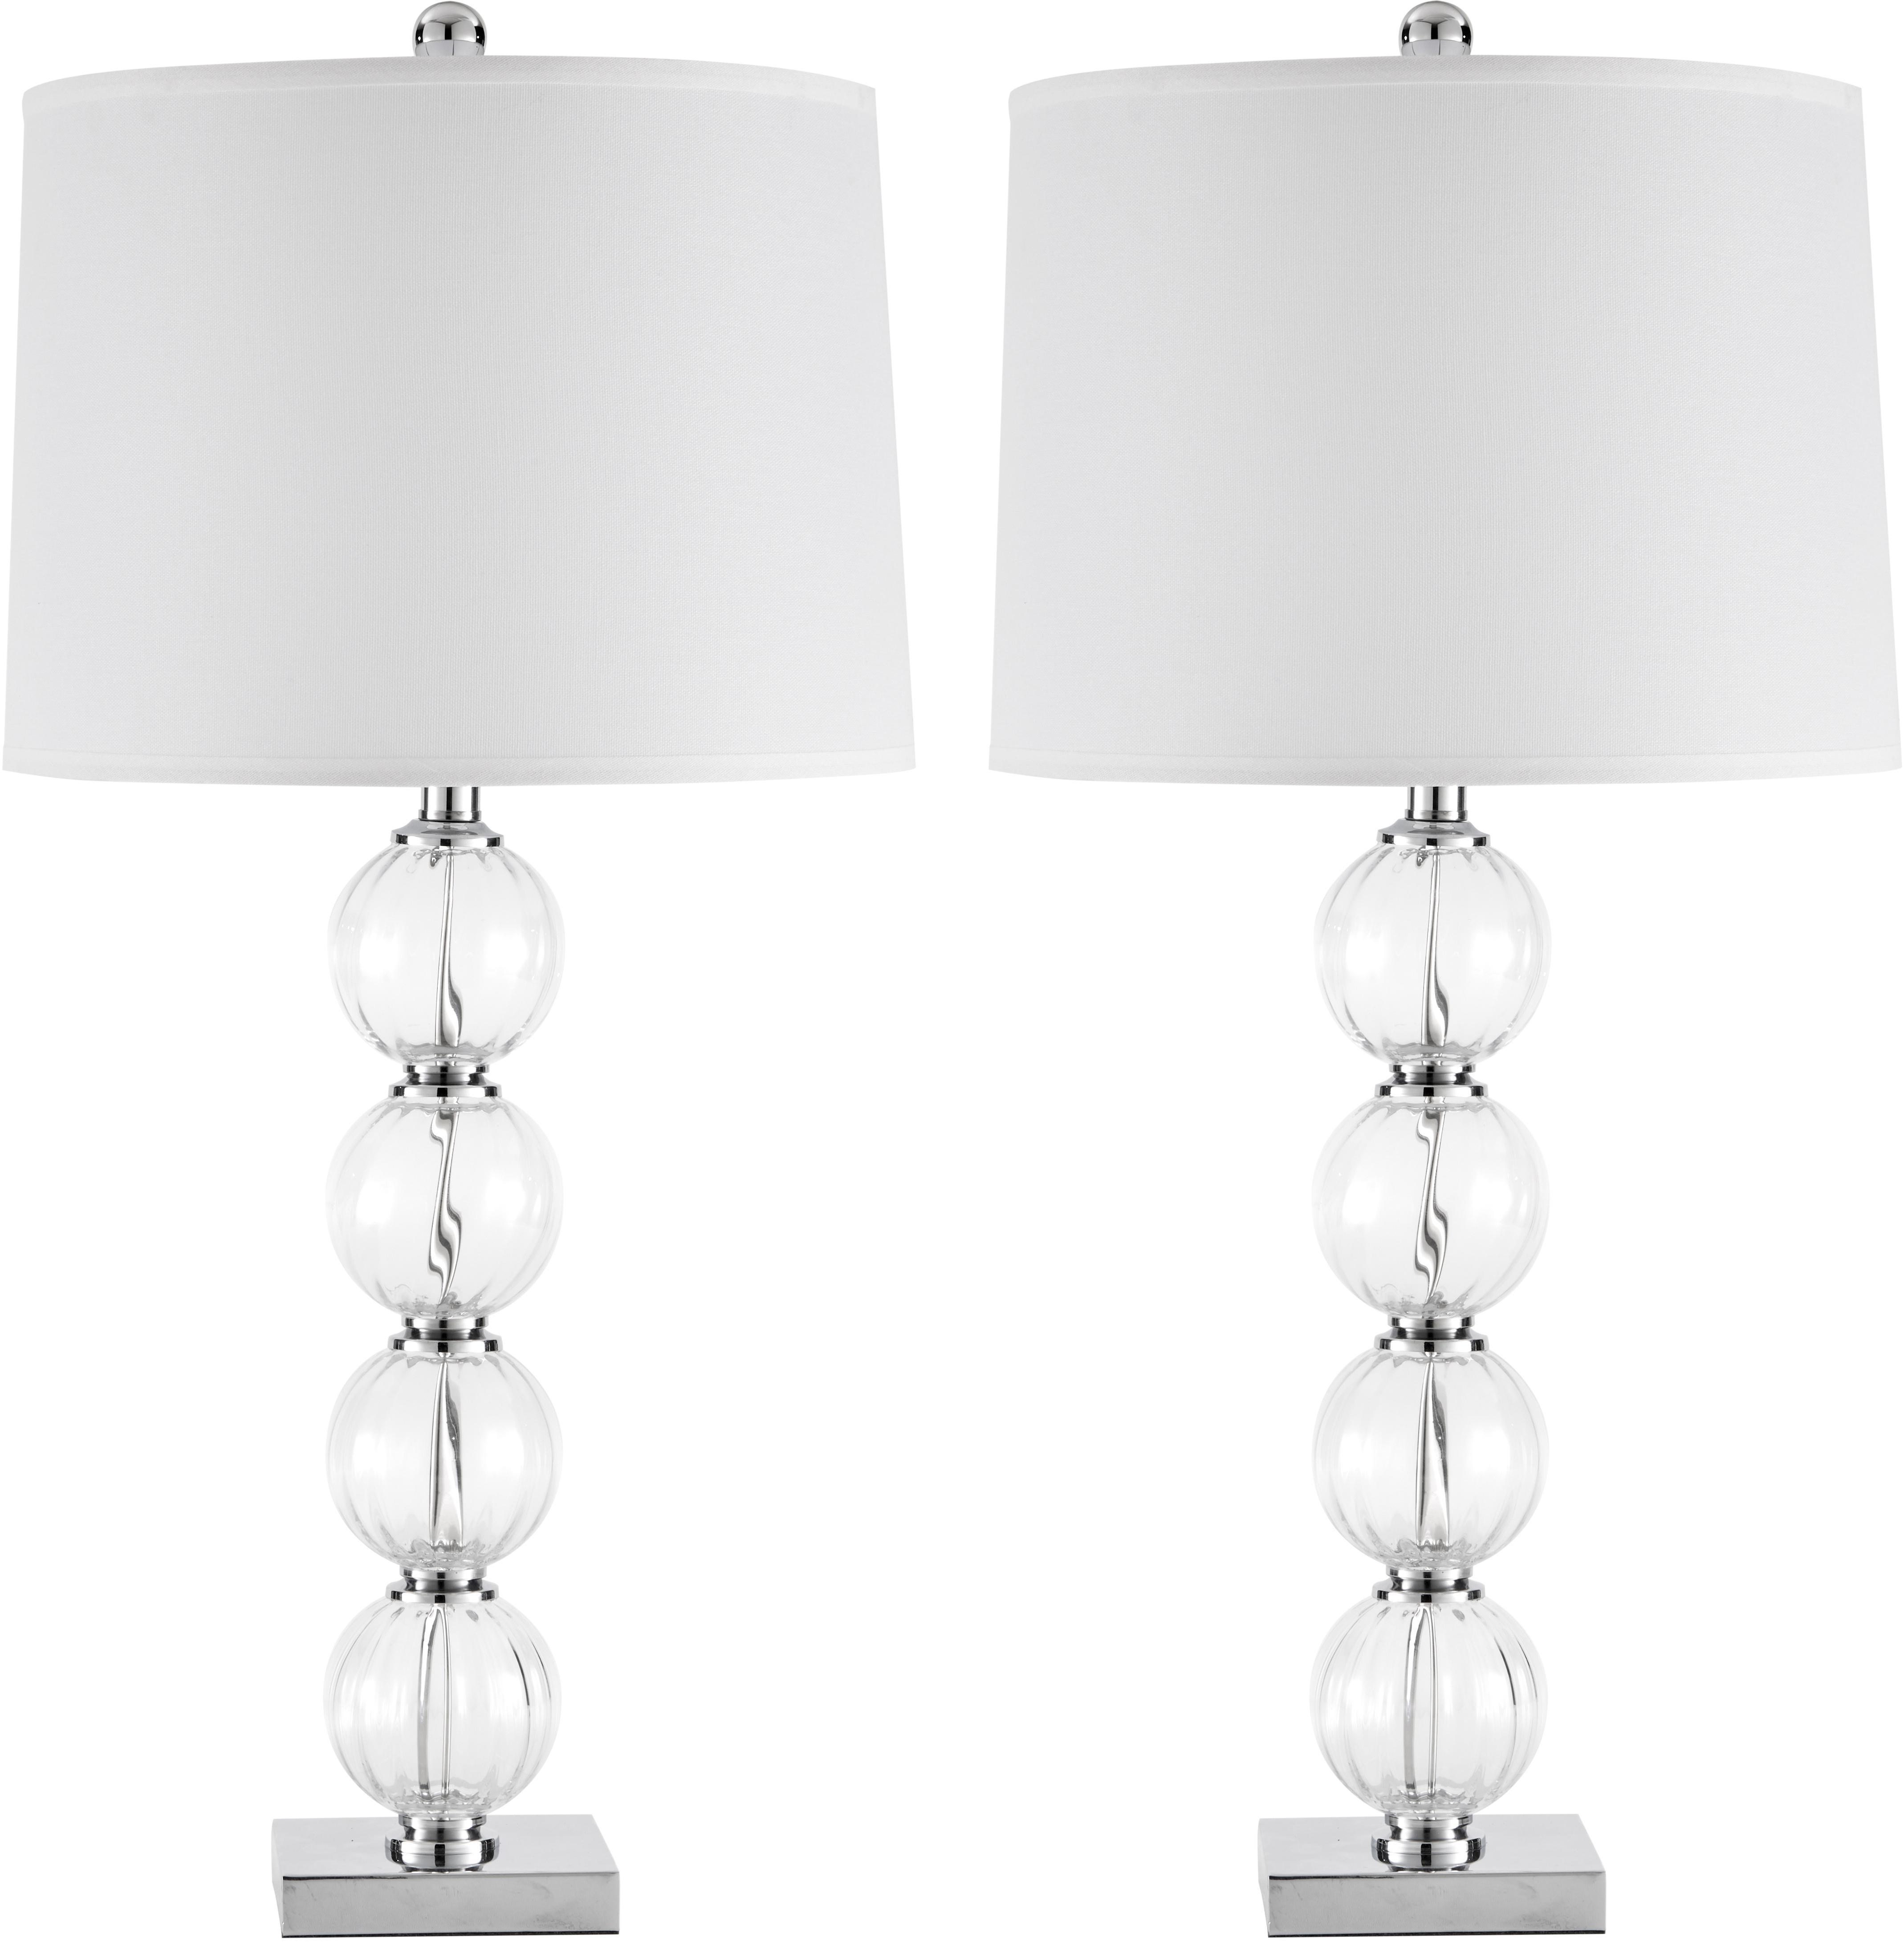 Große Tischlampen Luisa, 2 Stück, Lampenschirm: Polyester, Lampenfuß: Glas, Sockel: Metall, Lampenschirm: Weiß<br>Lampenfuß: Transparent, Ø 38 x H 76 cm